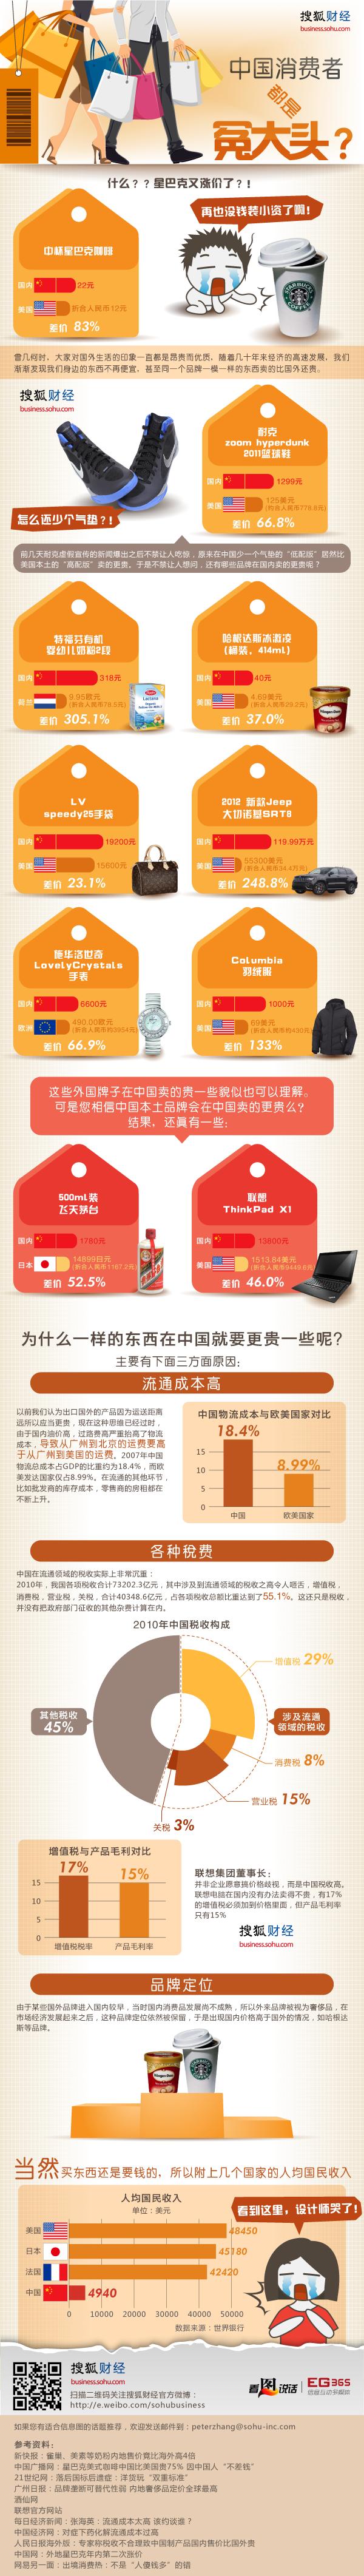 中国消费者都是冤大头么?